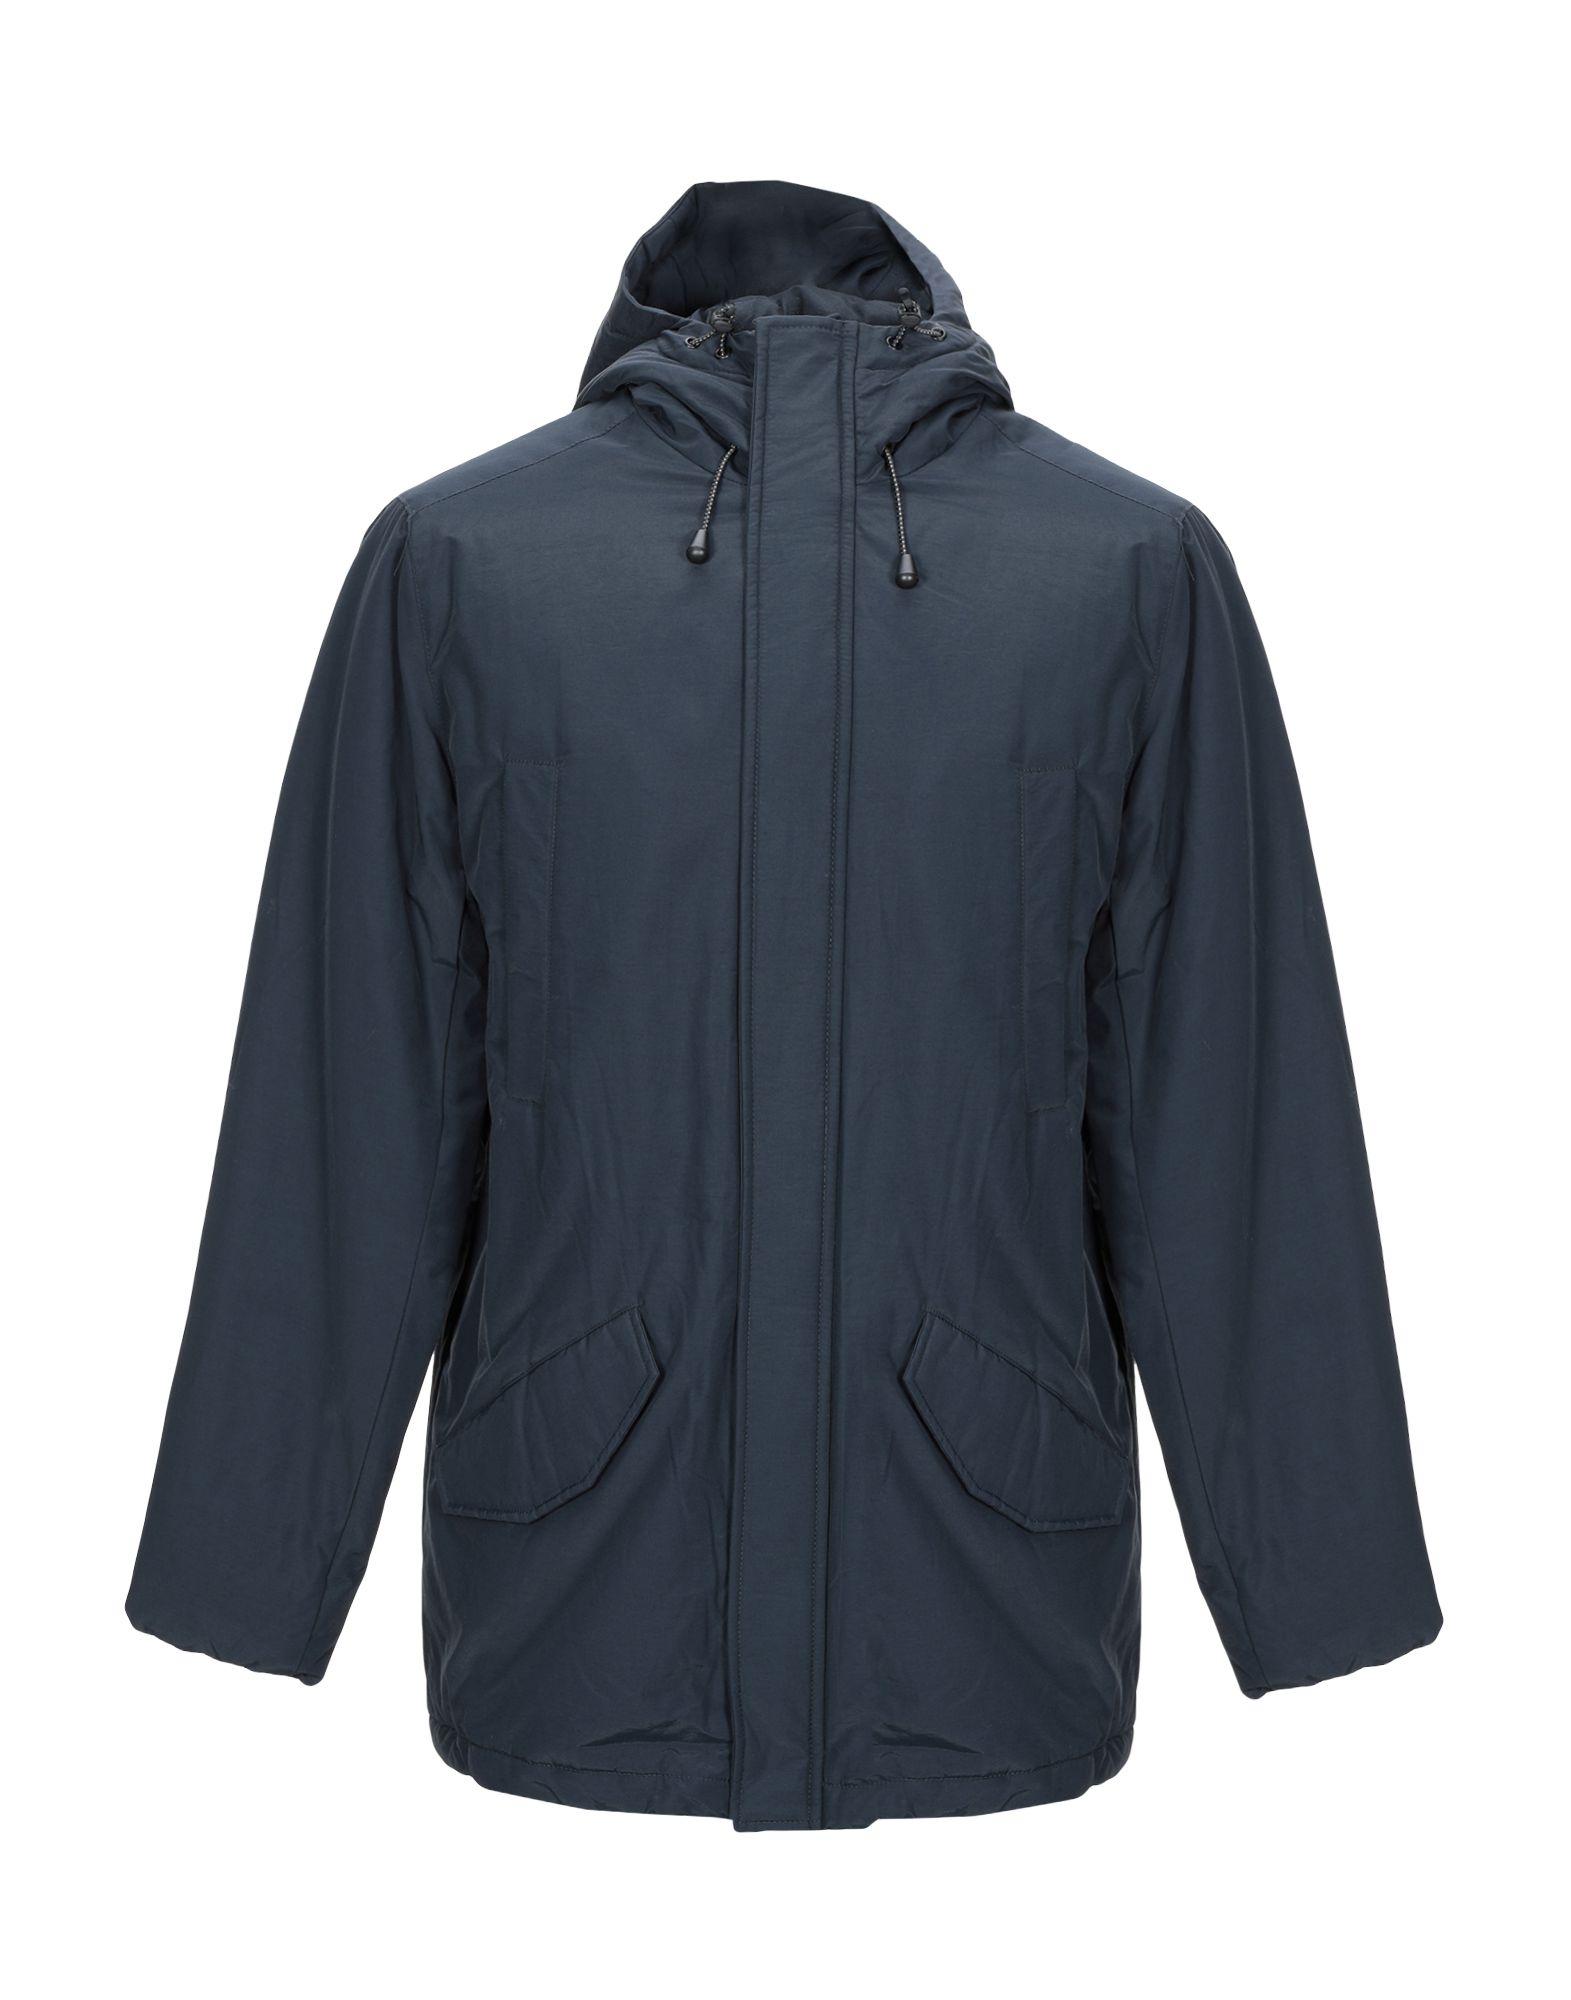 《期間限定セール中》CIESSE PIUMINI メンズ コート ダークブルー 52 コットン 65% / ナイロン 35%